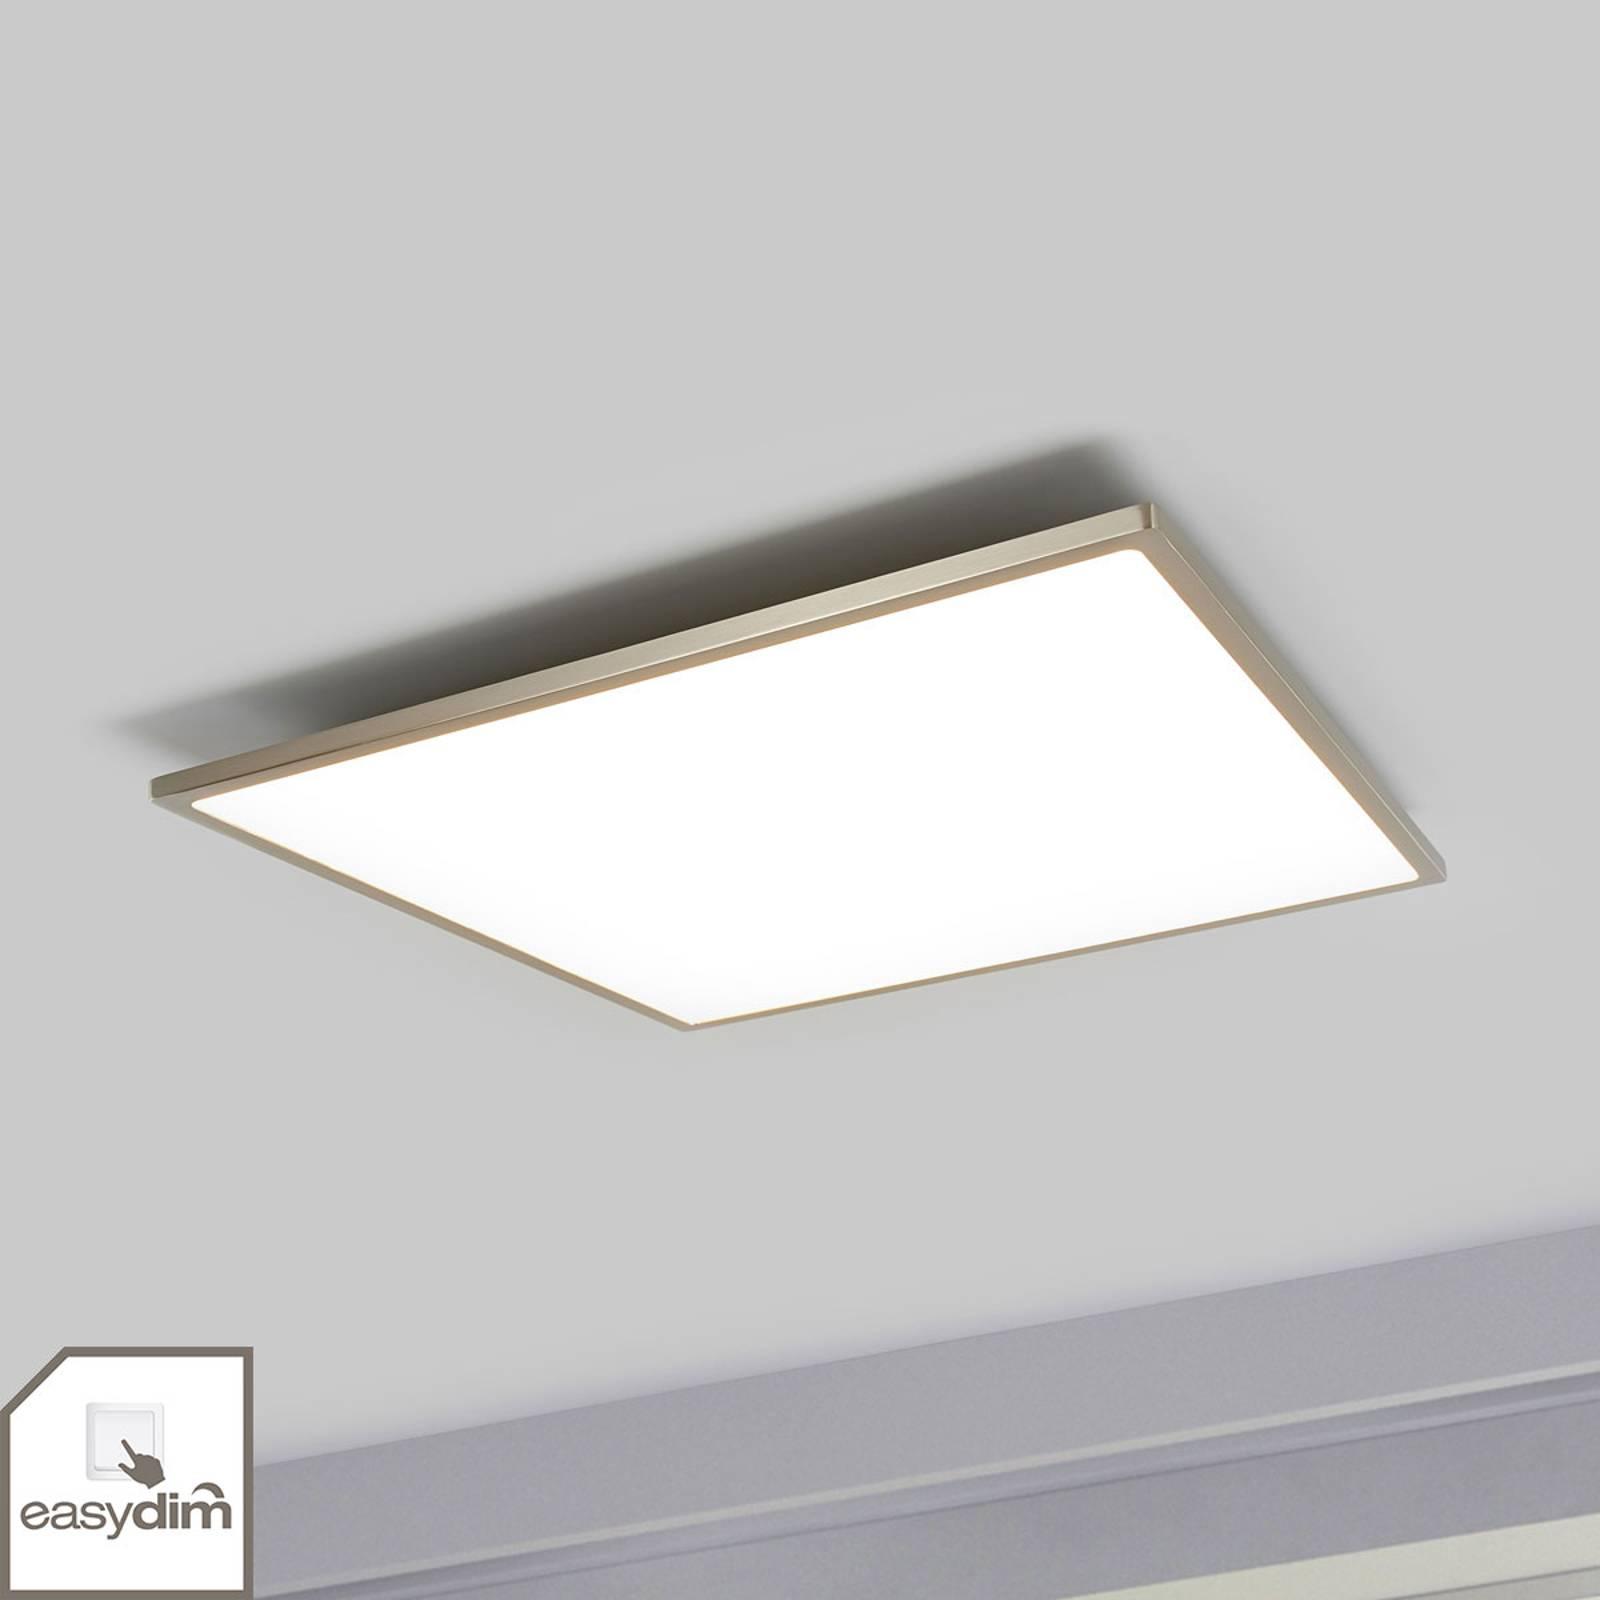 Lampa sufitowa LED Easydim Ceres, kanciasta